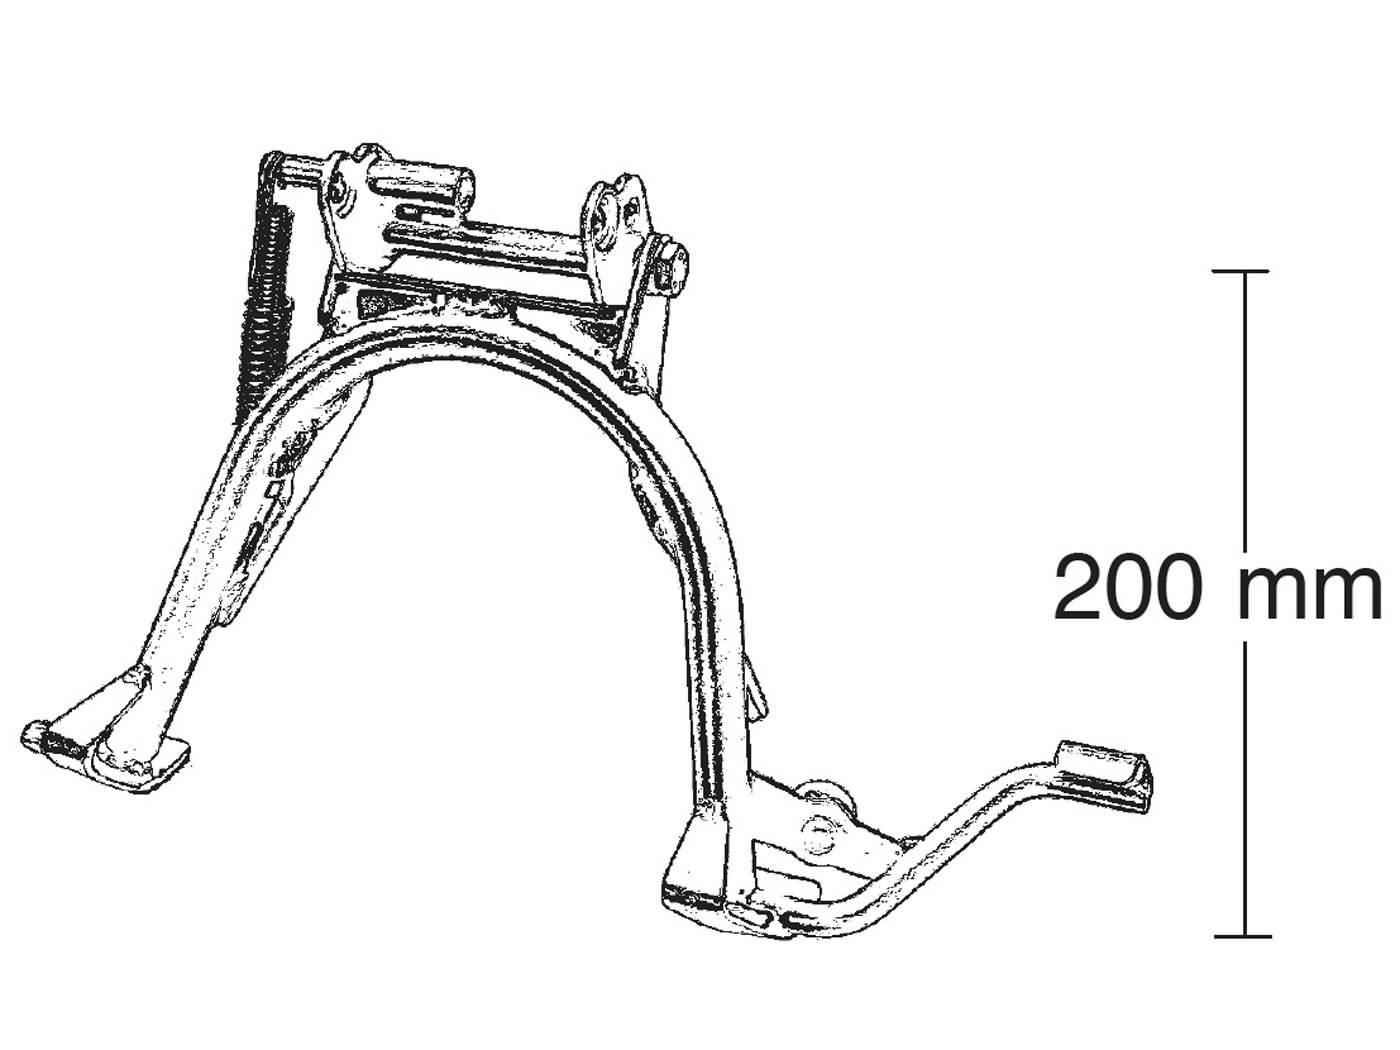 main stand repair kit Buzzetti for Malaguti F12, F15